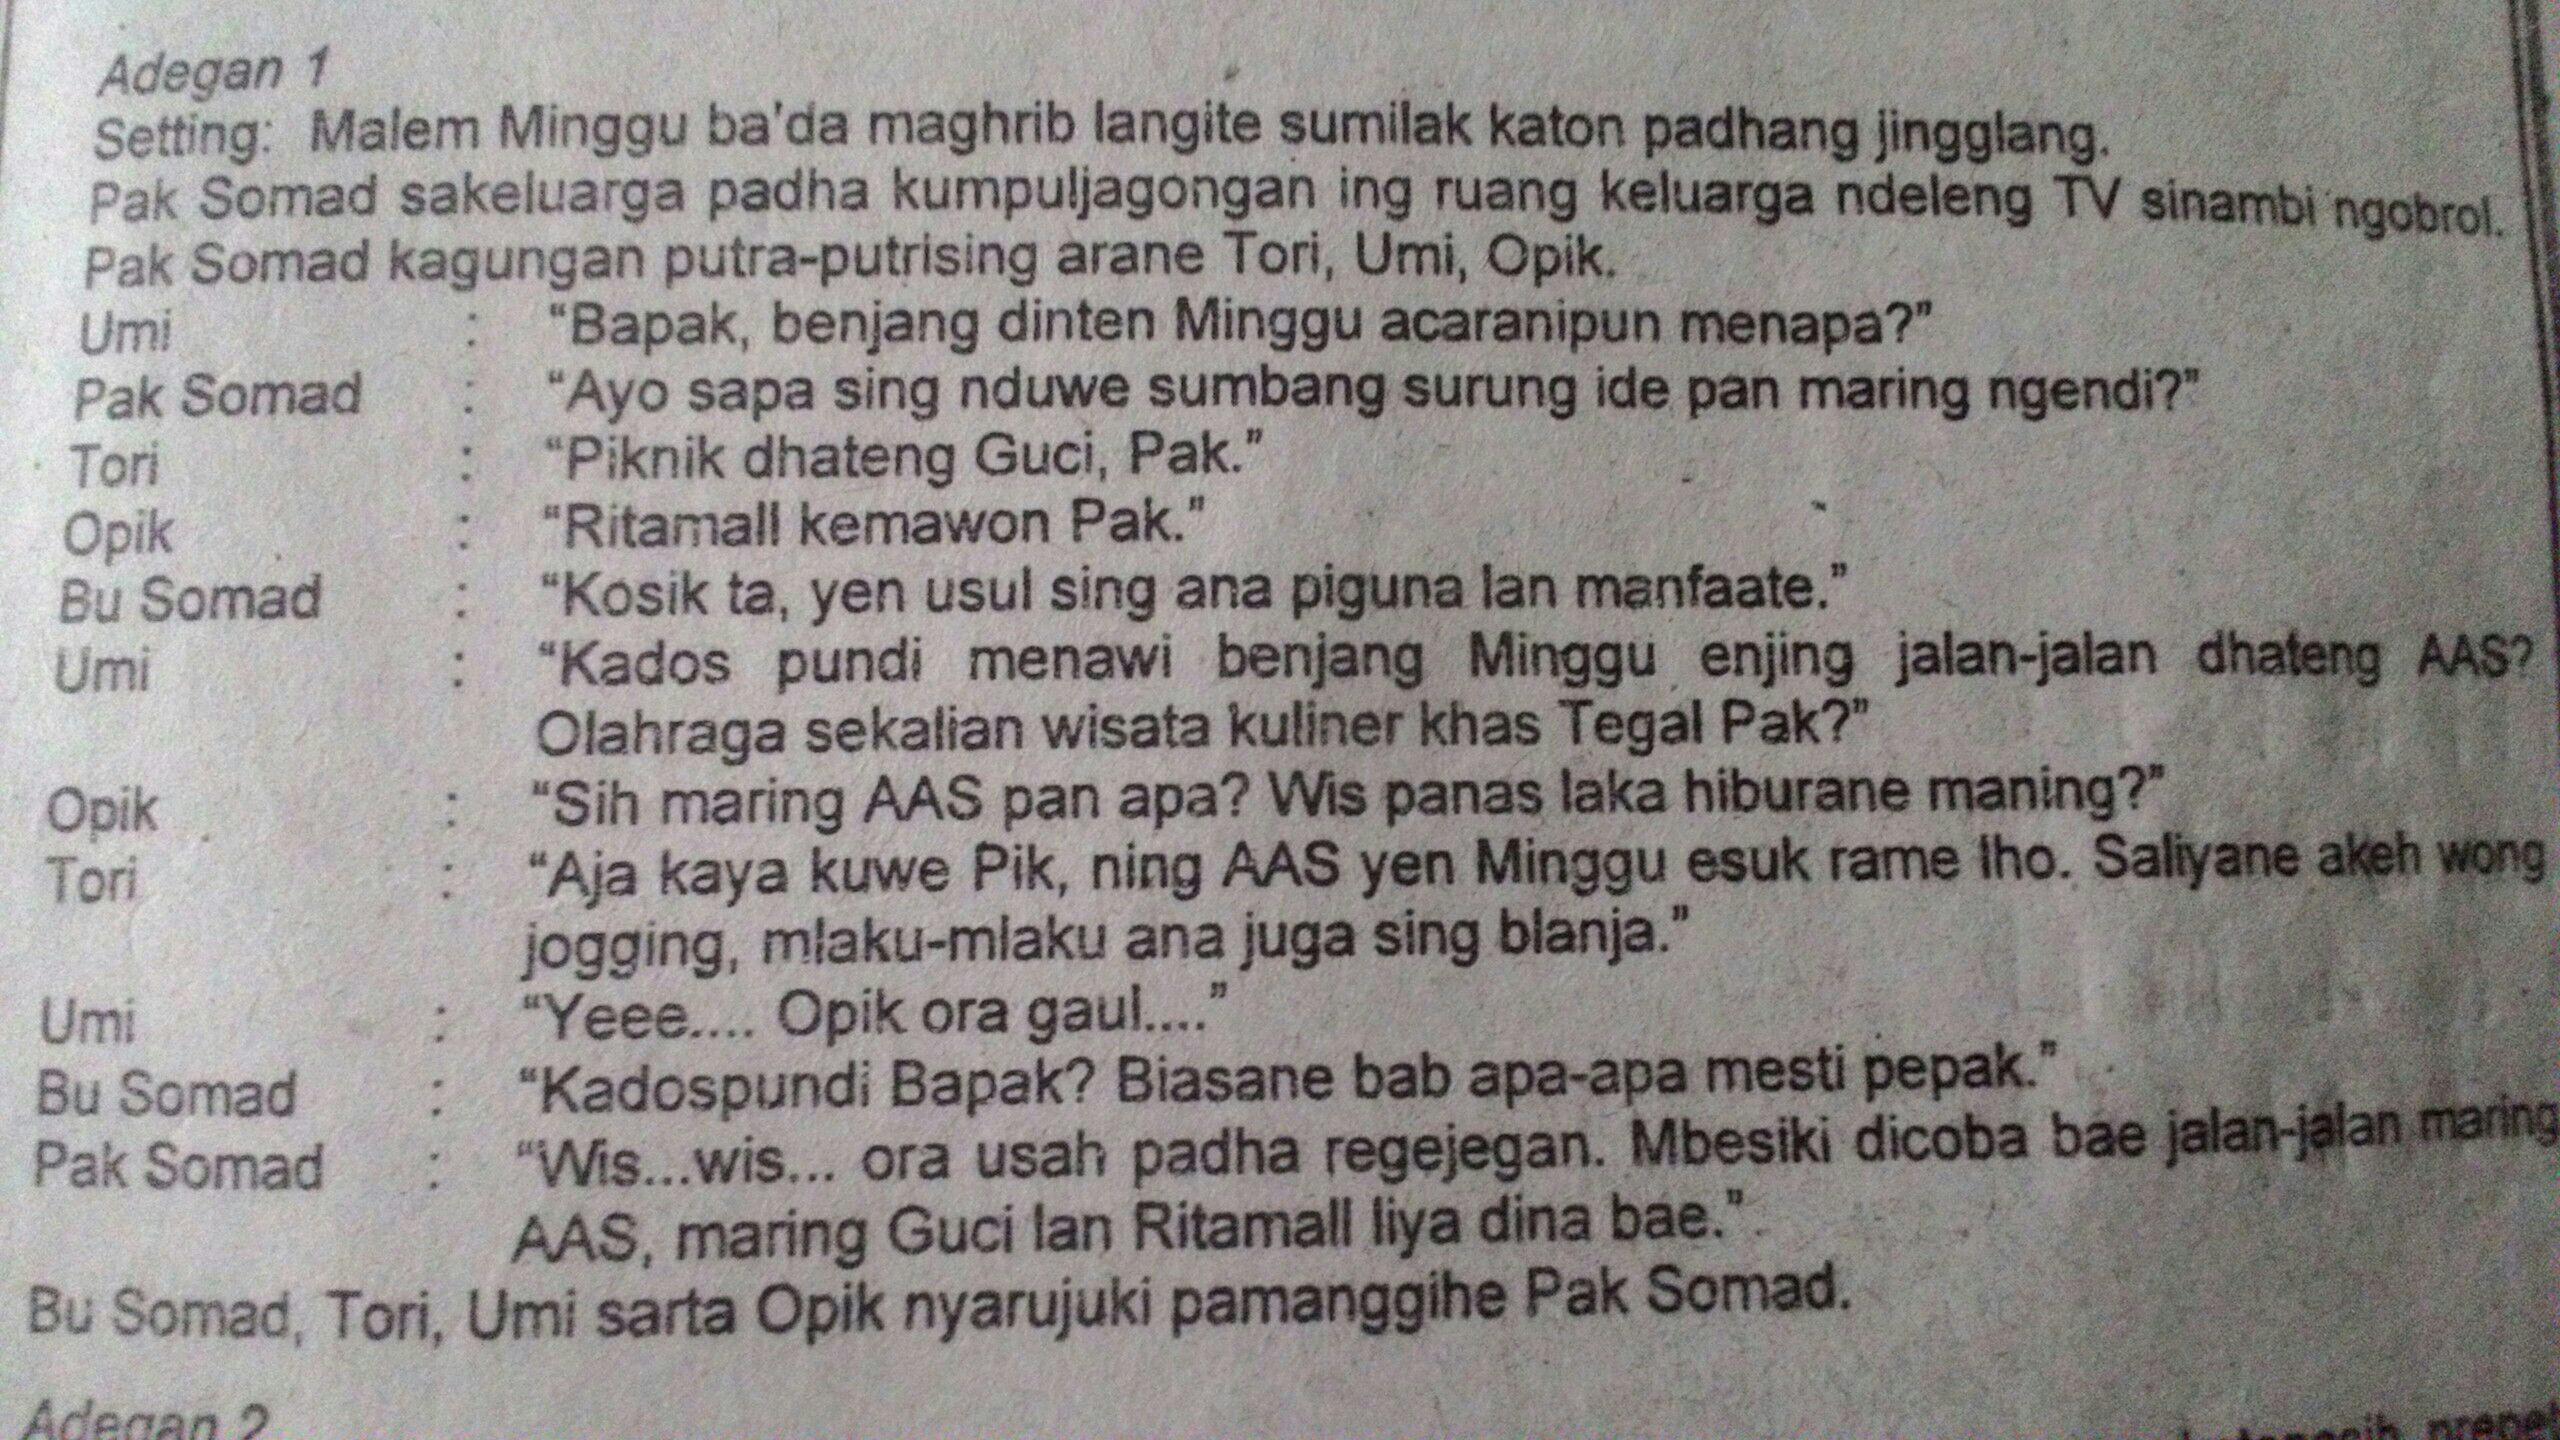 Dialog Bahasa Jawa Yang Terdiri Dari 5 Orang Brainly Co Id